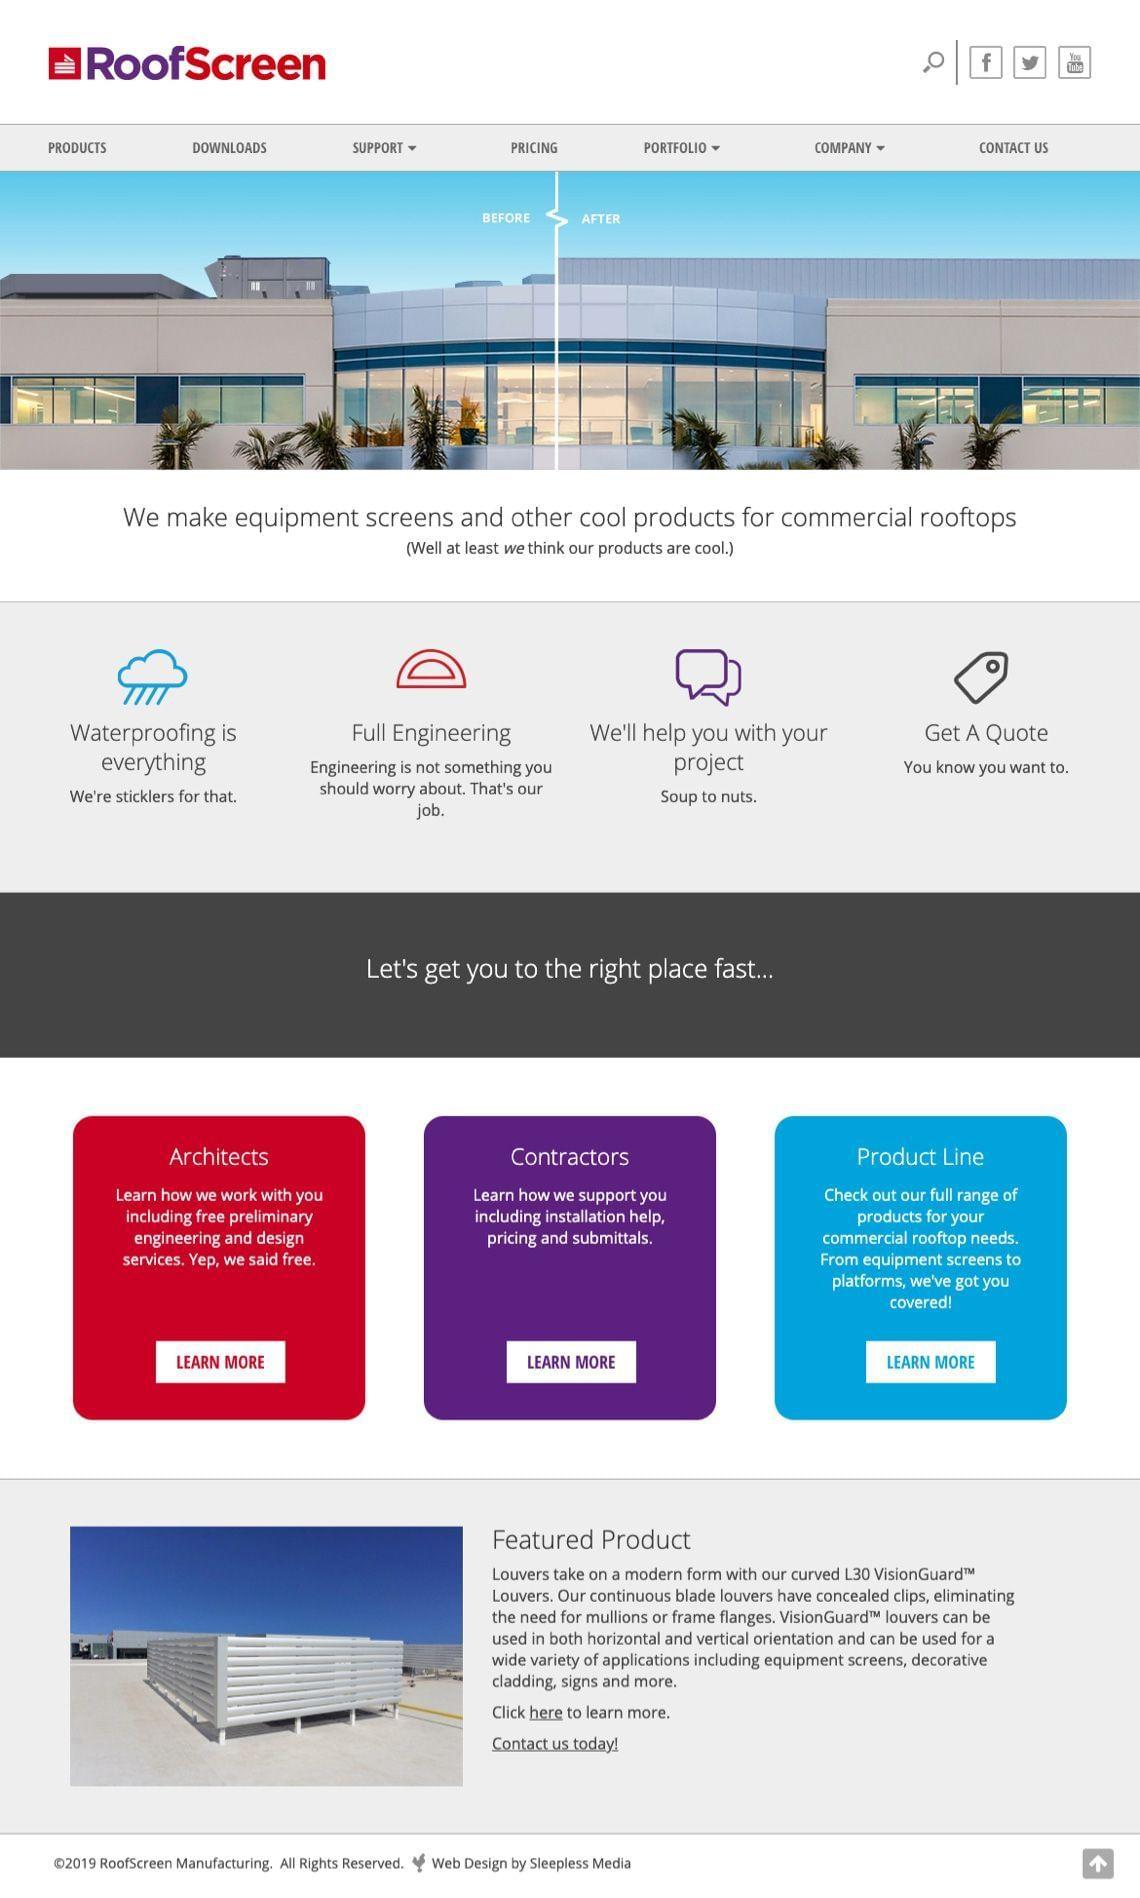 RoofScreen Website